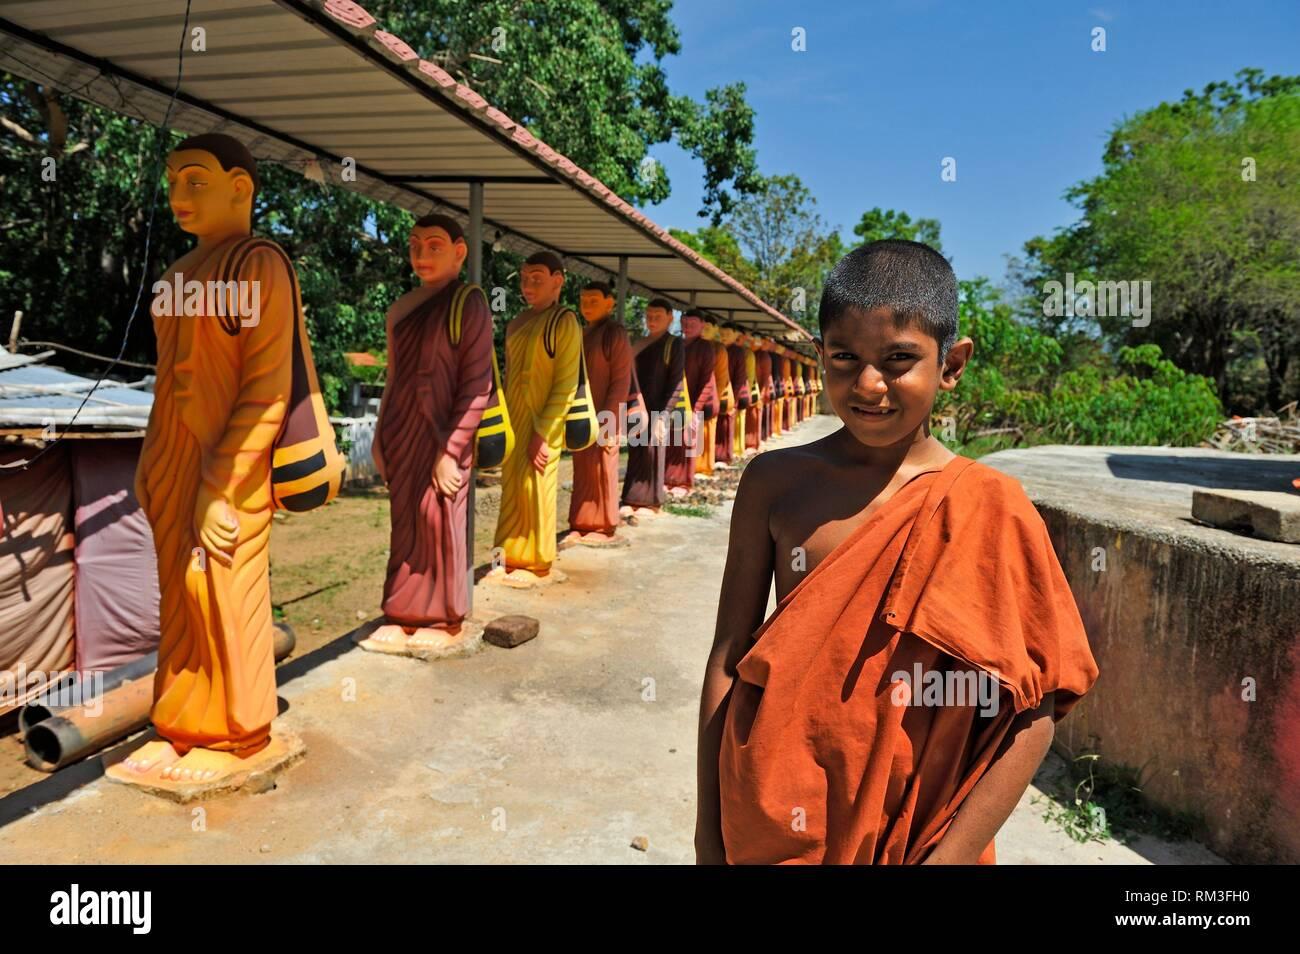 Giovane monaco novizio al monastero Buddista, Provincia del Sud, Sri Lanka, India, Asia del Sud. Immagini Stock